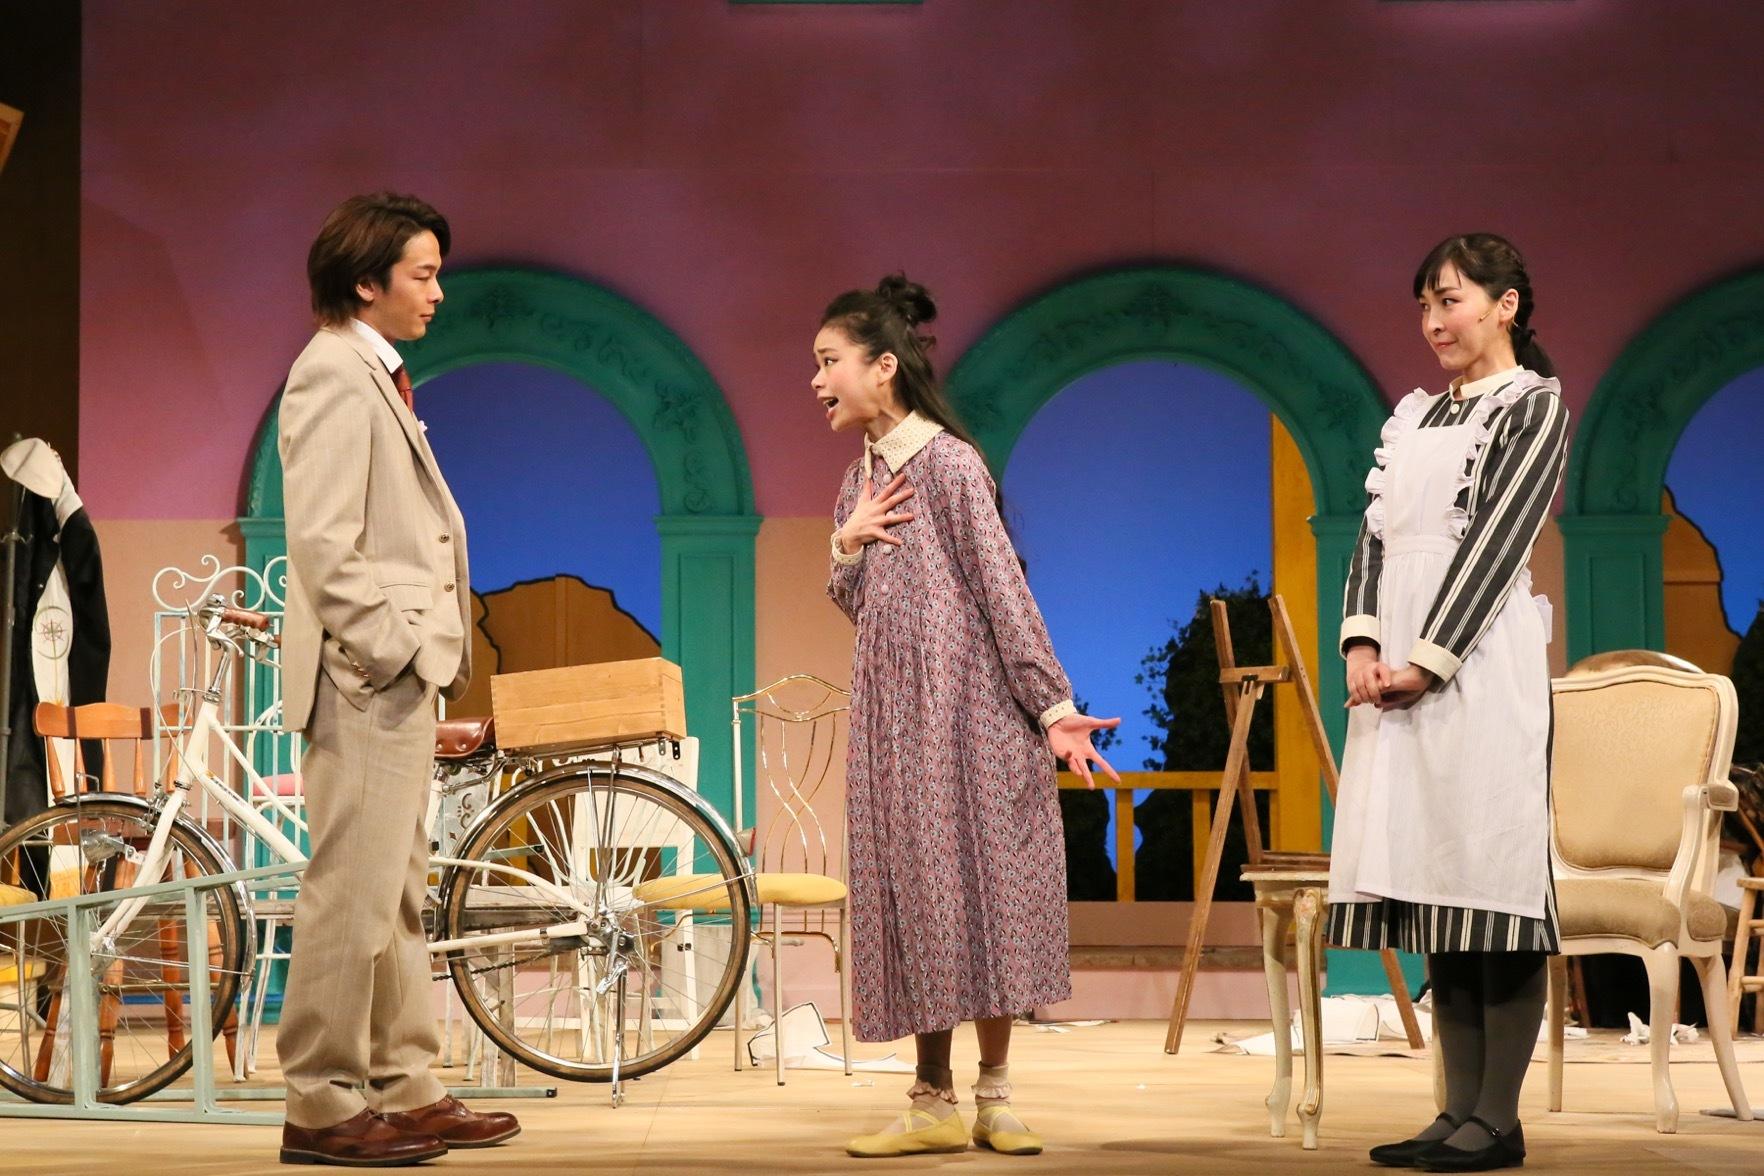 『クラッシャー女中』左:中村倫也、中央:趣里、右:麻生久美子 撮影:宮川舞子